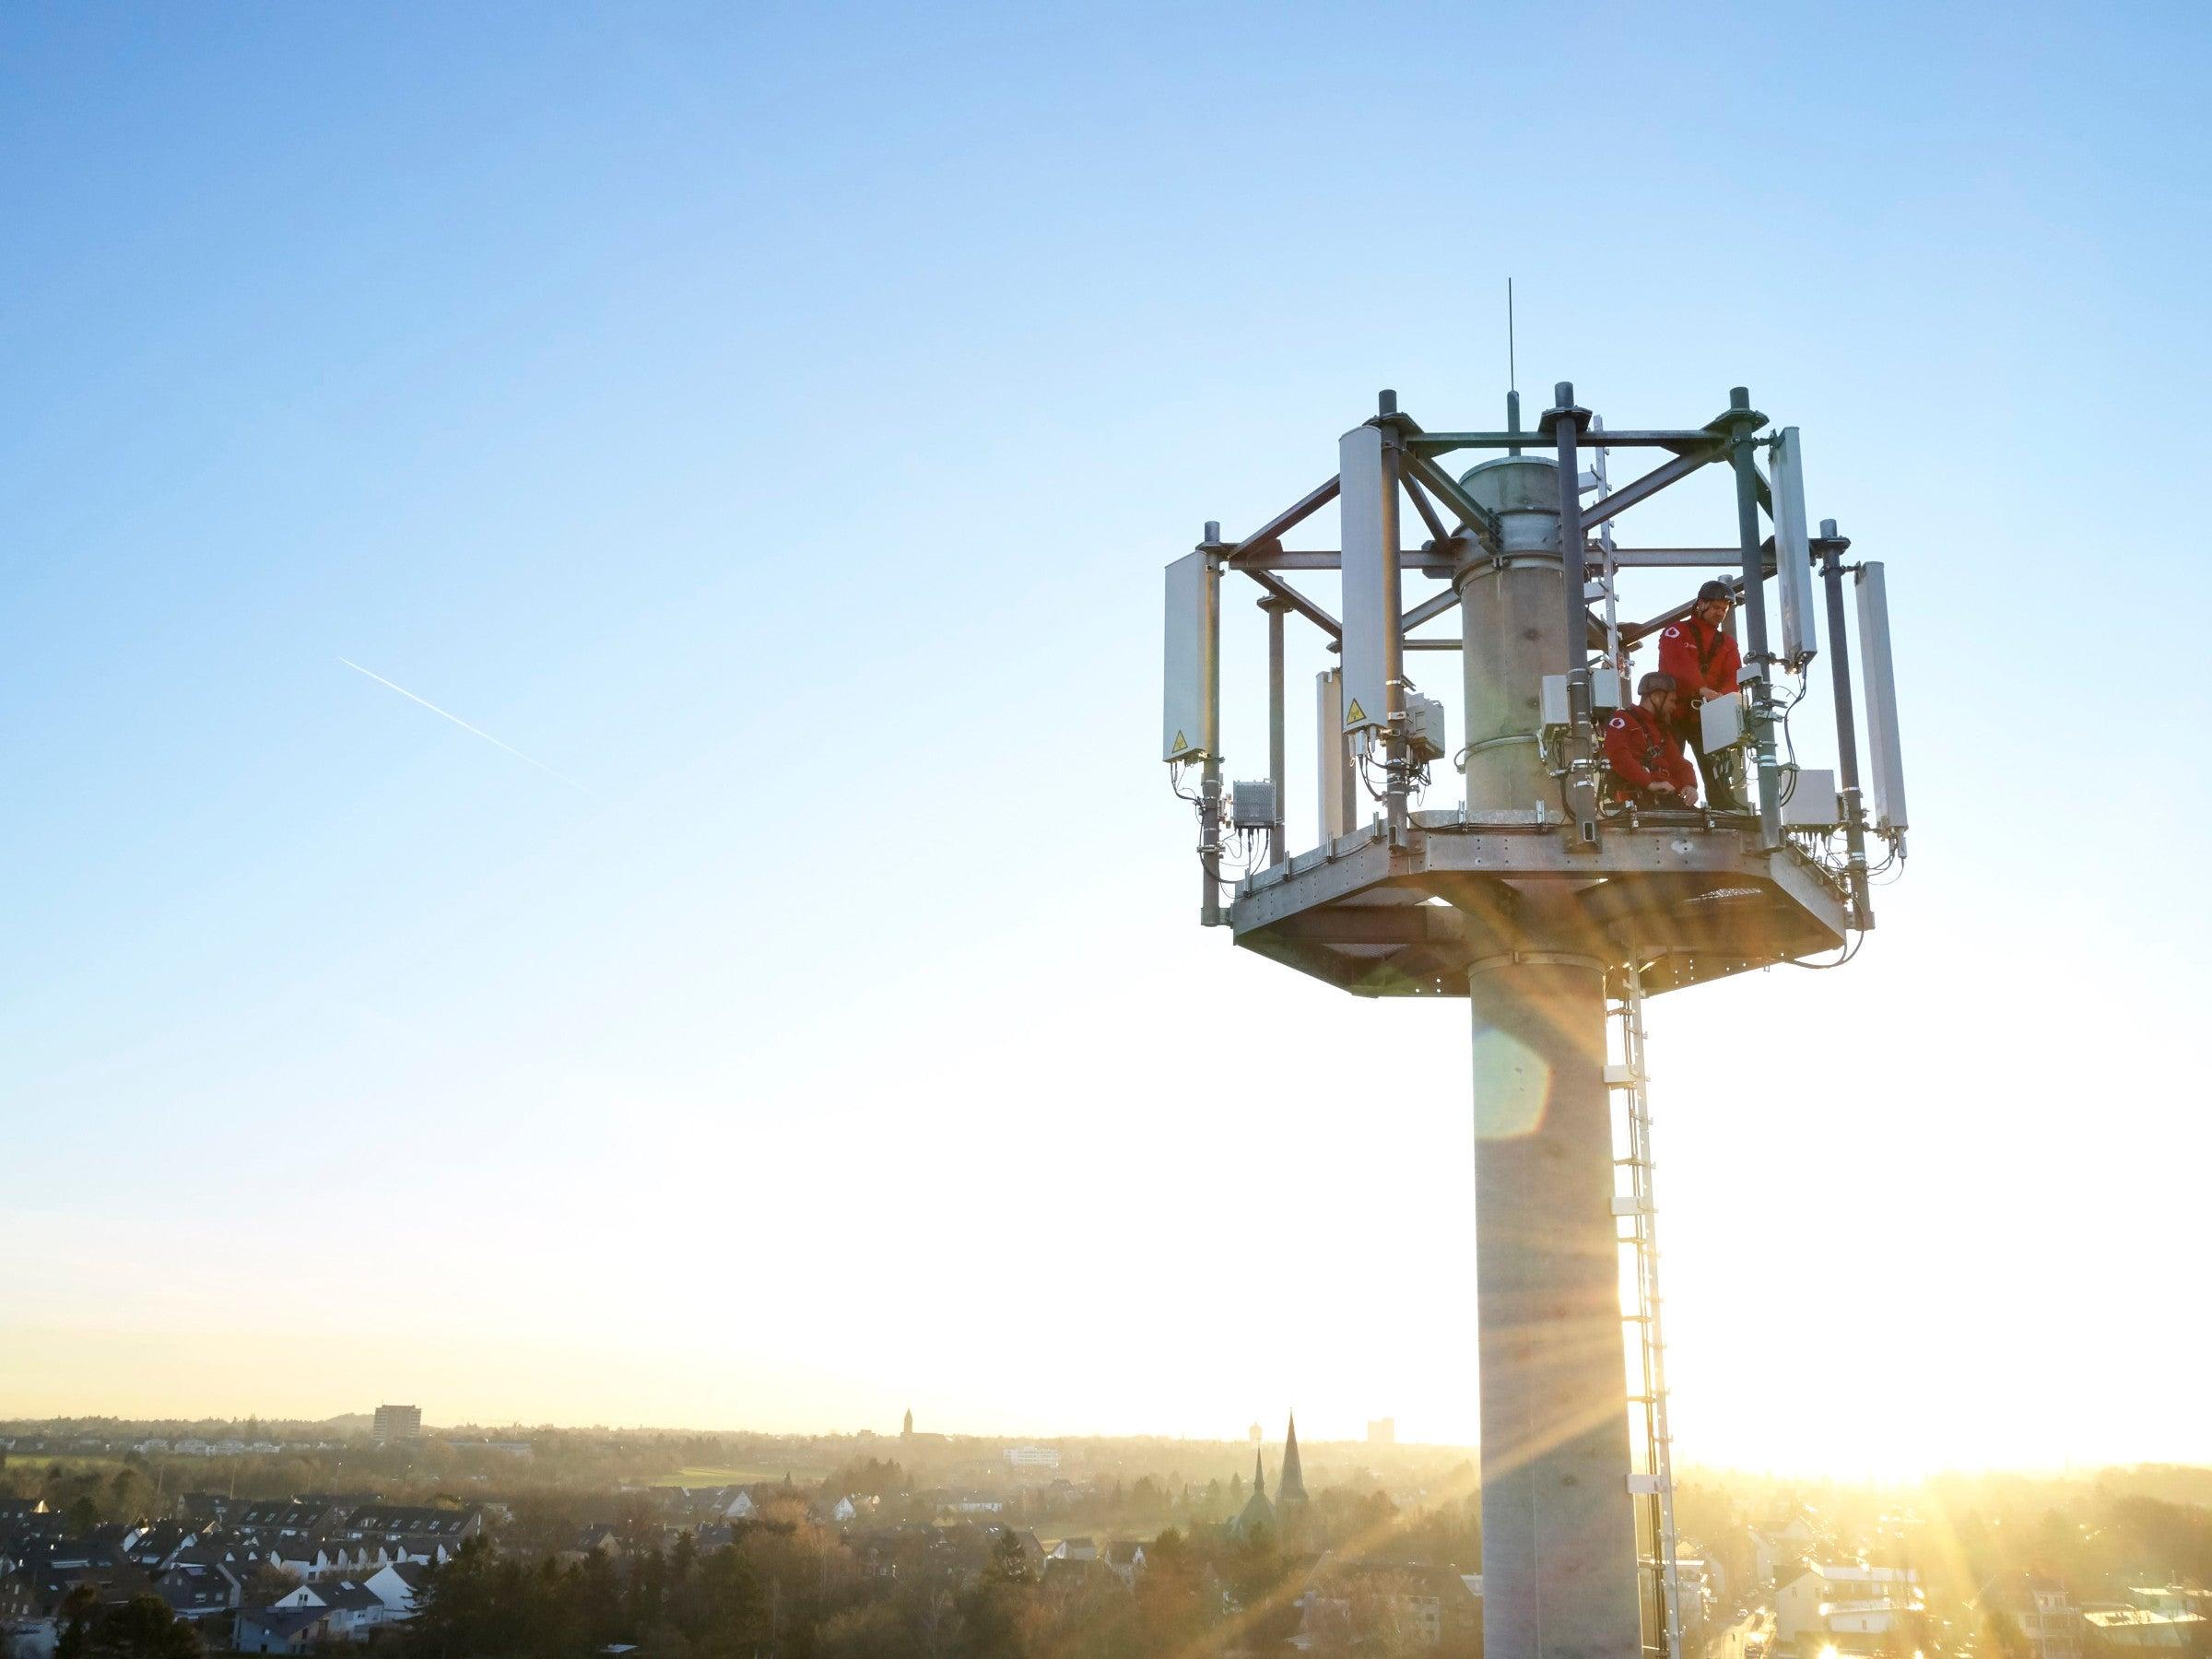 Vodafone Basisstation im Sonnenlicht